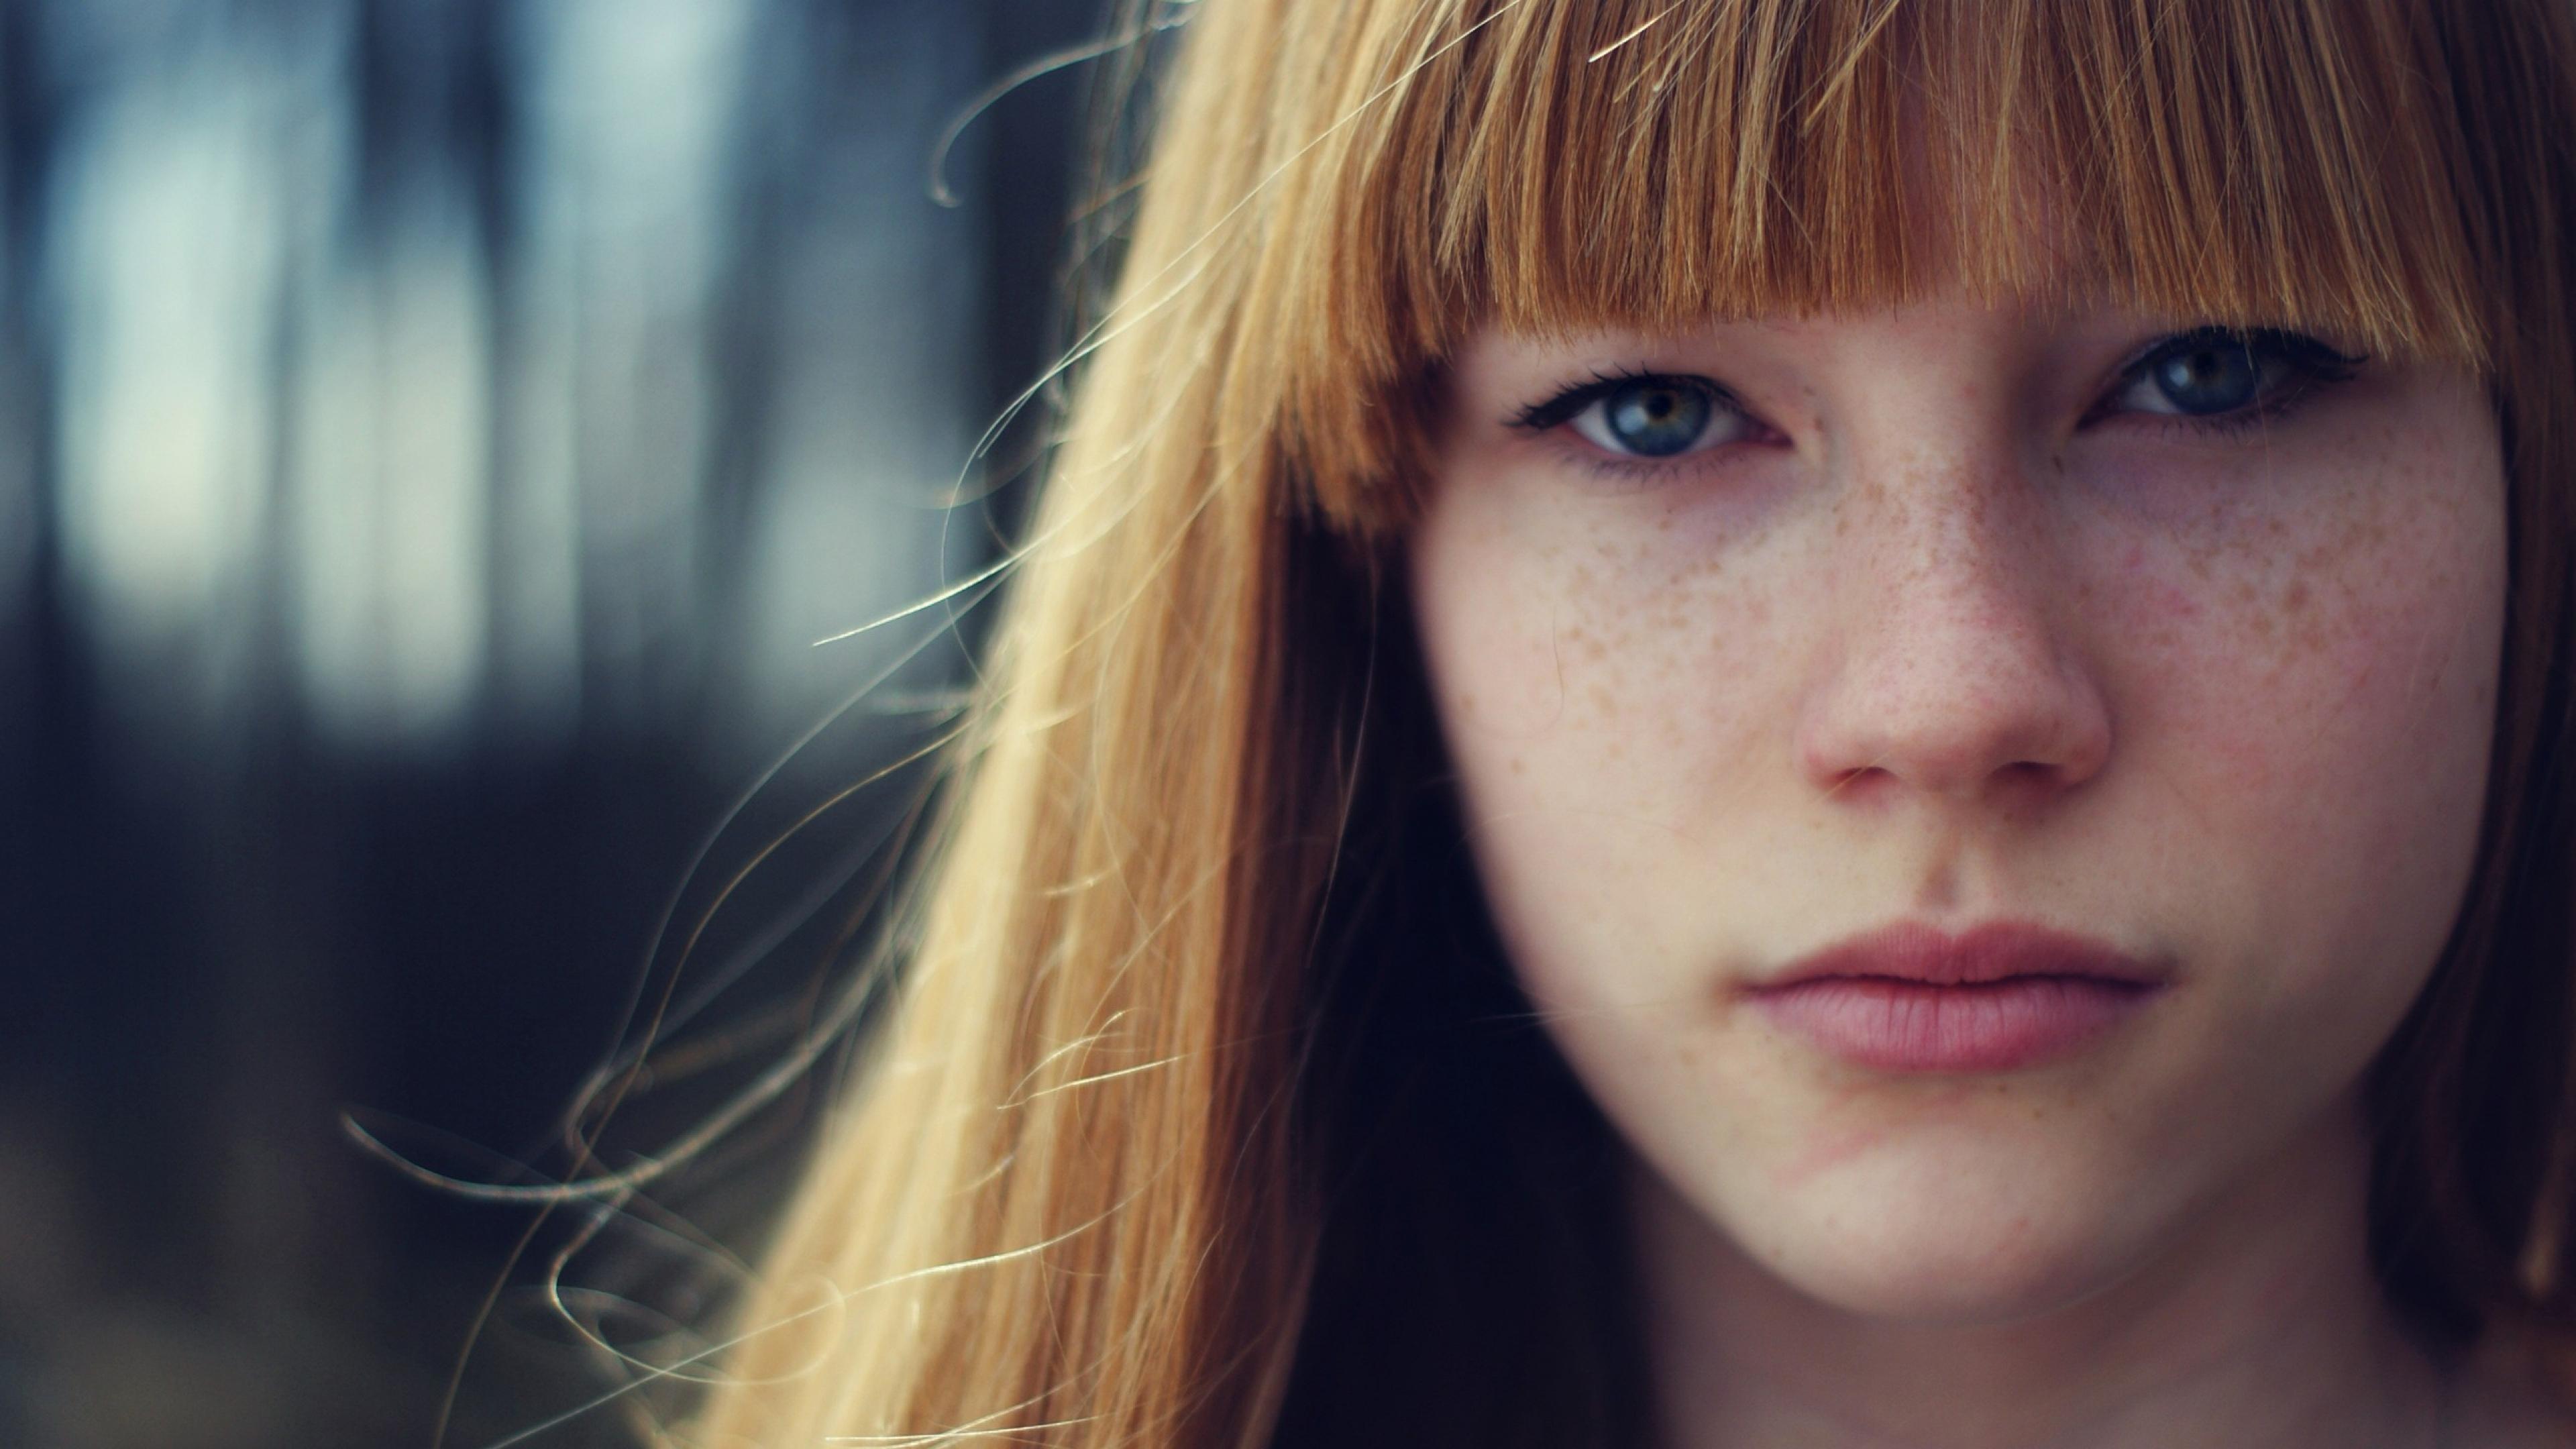 Freckled Girls Widescreen